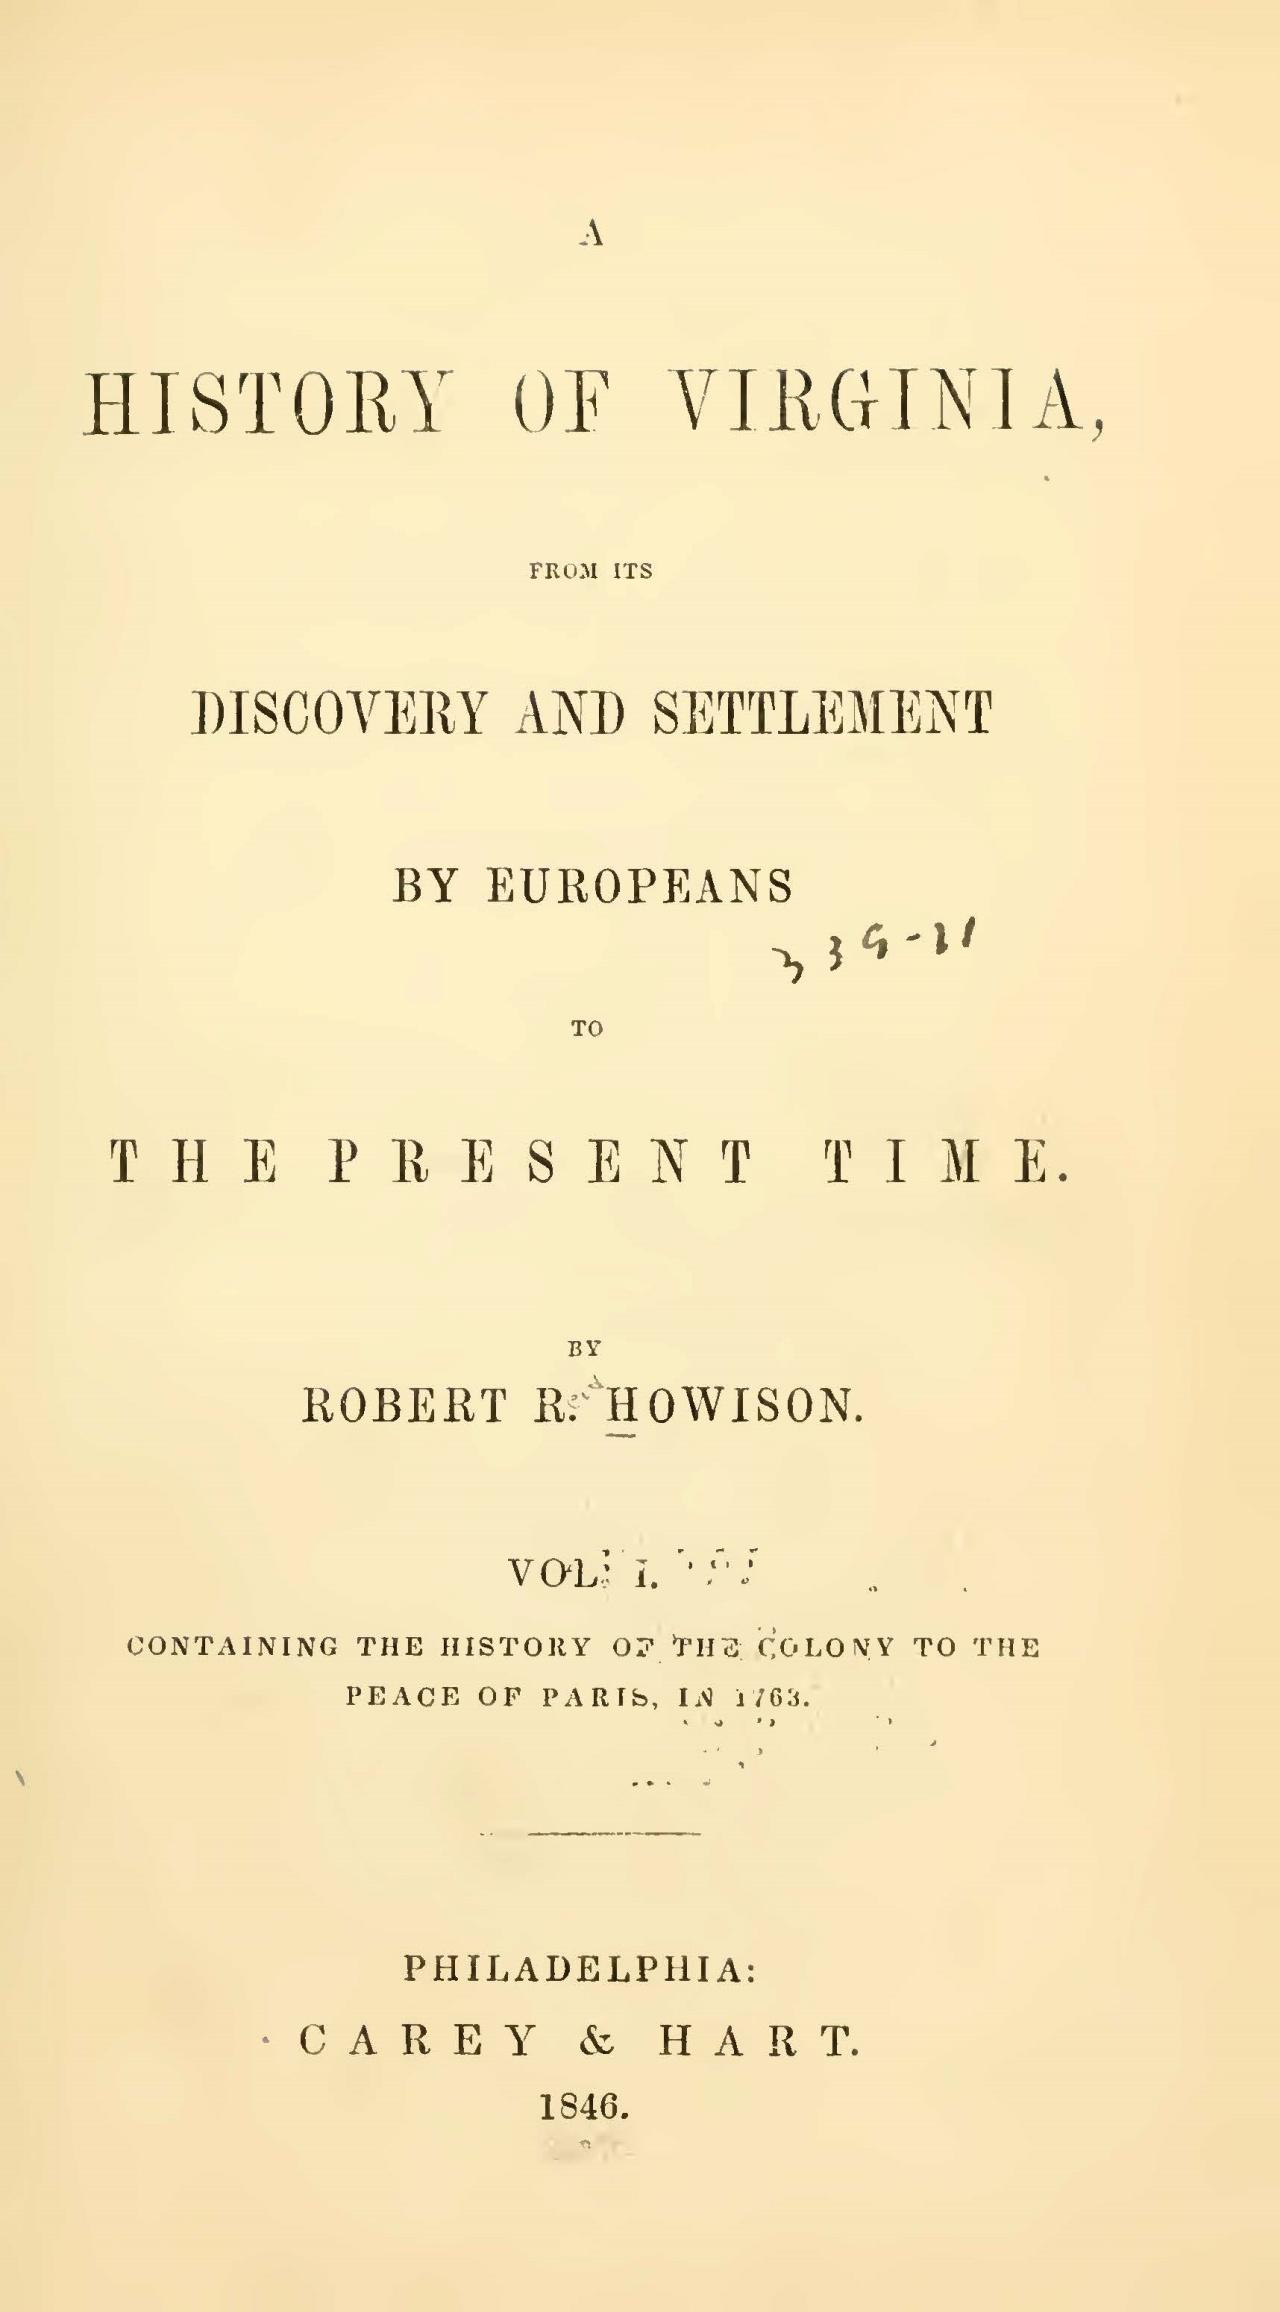 Howison, Robert Reid, A History of Virginia, Vol. 1 Title Page.jpg